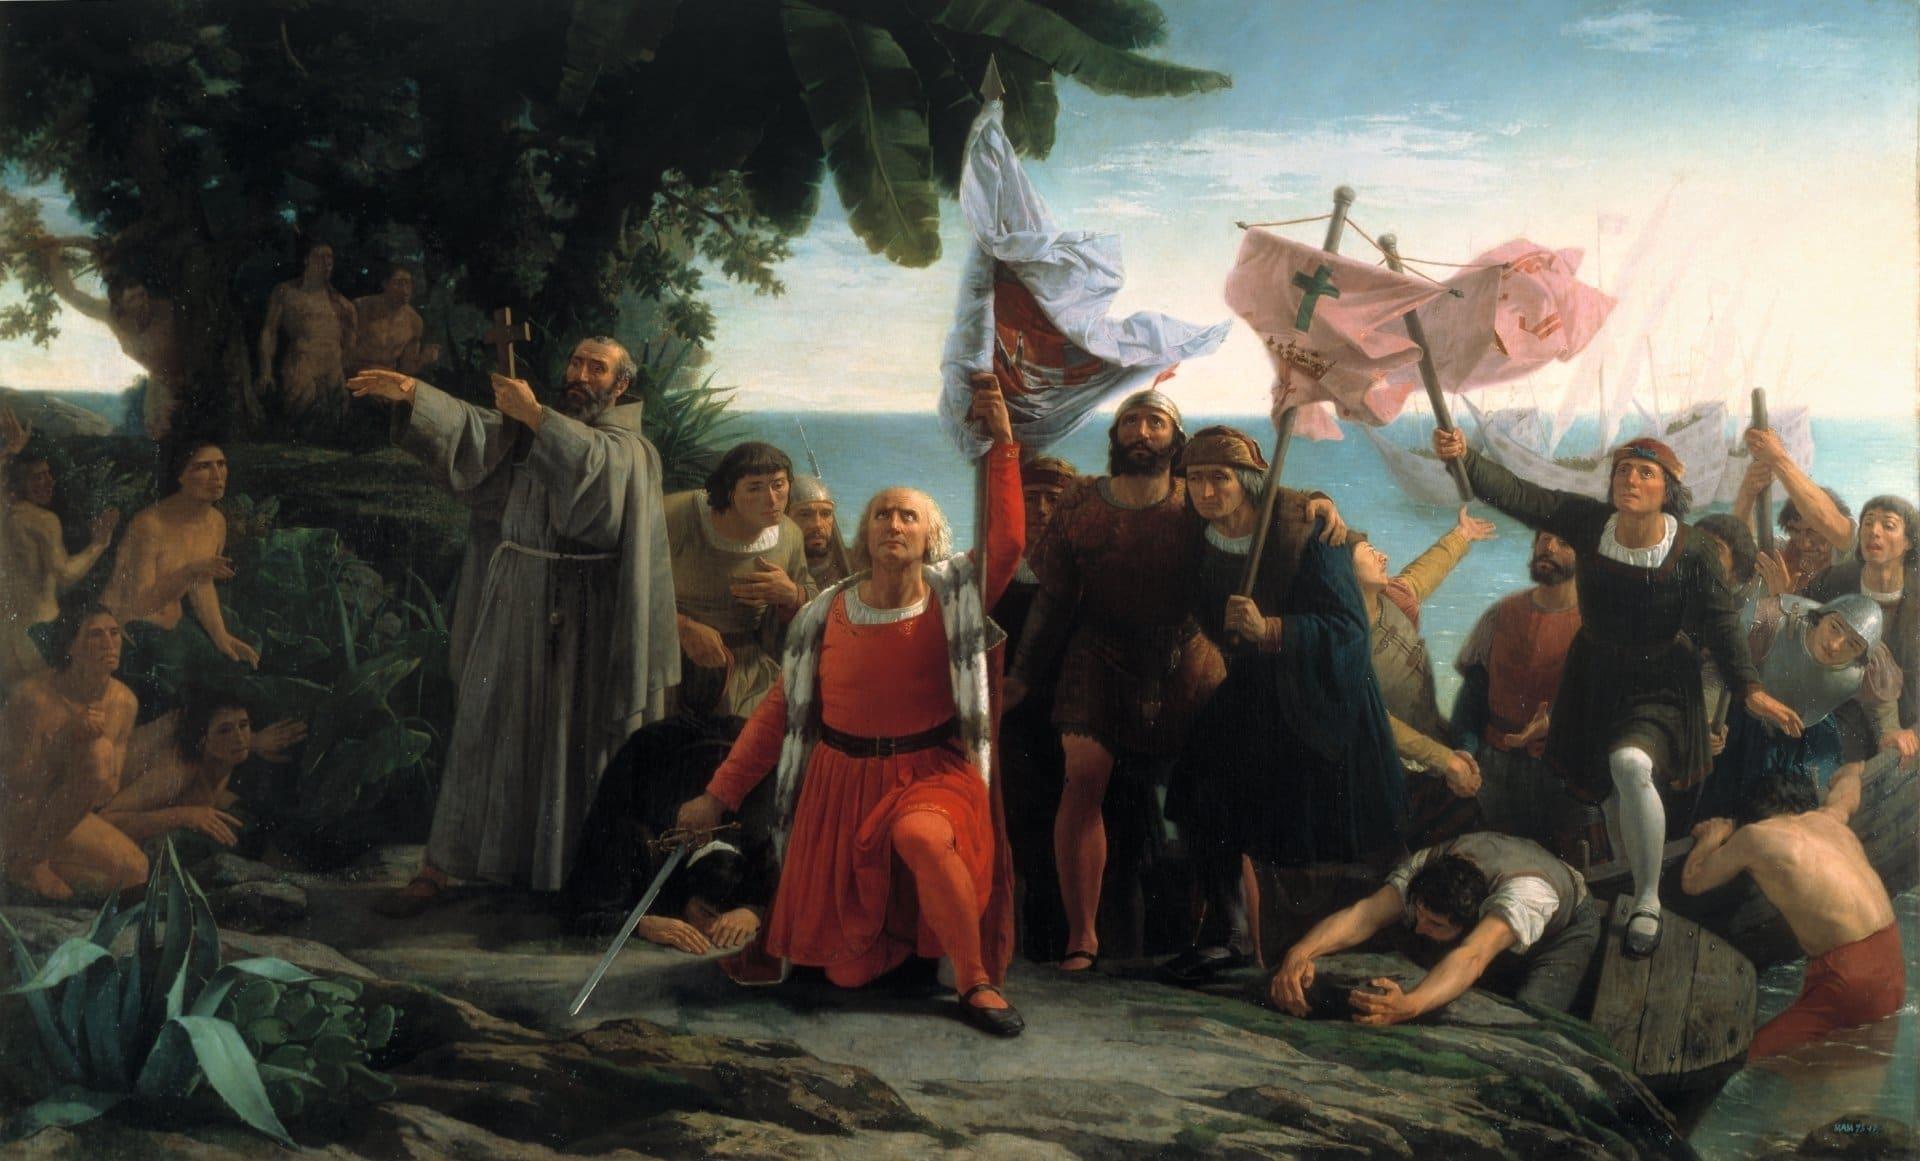 Die Entdeckung der Neuen Welt. Bild: Dióscoro Puebla [Public domain]